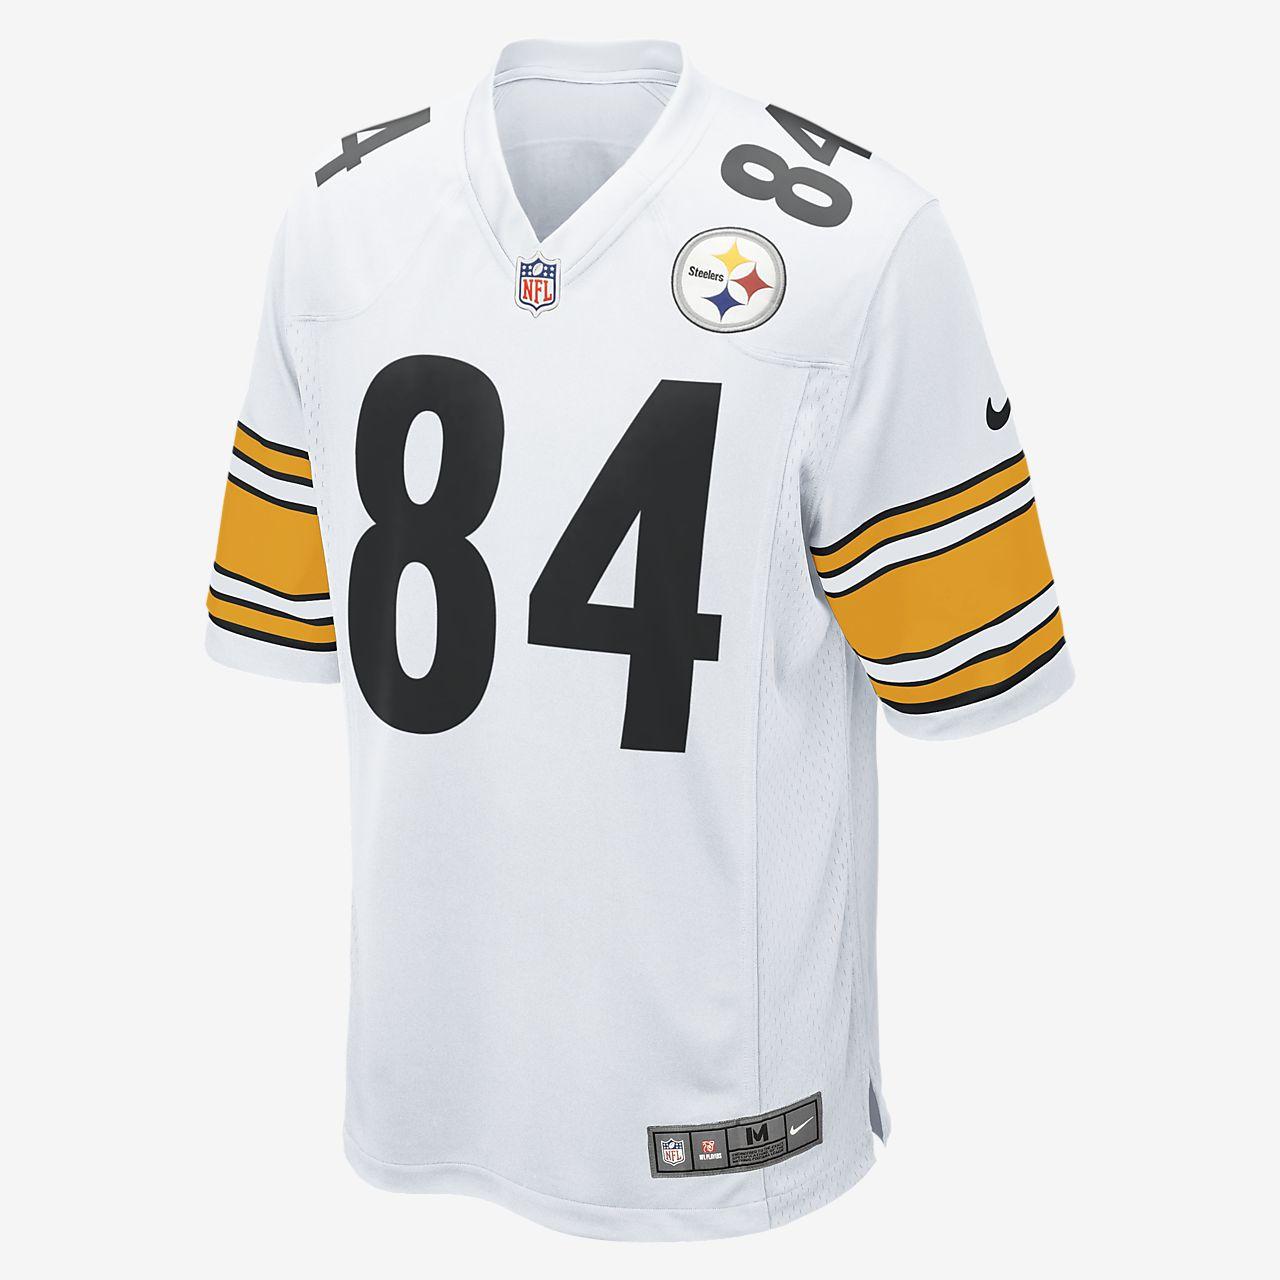 Męska koszulka meczowa do futbolu amerykańskiego NFL Pittsburgh Steelers (Antonio Brown)